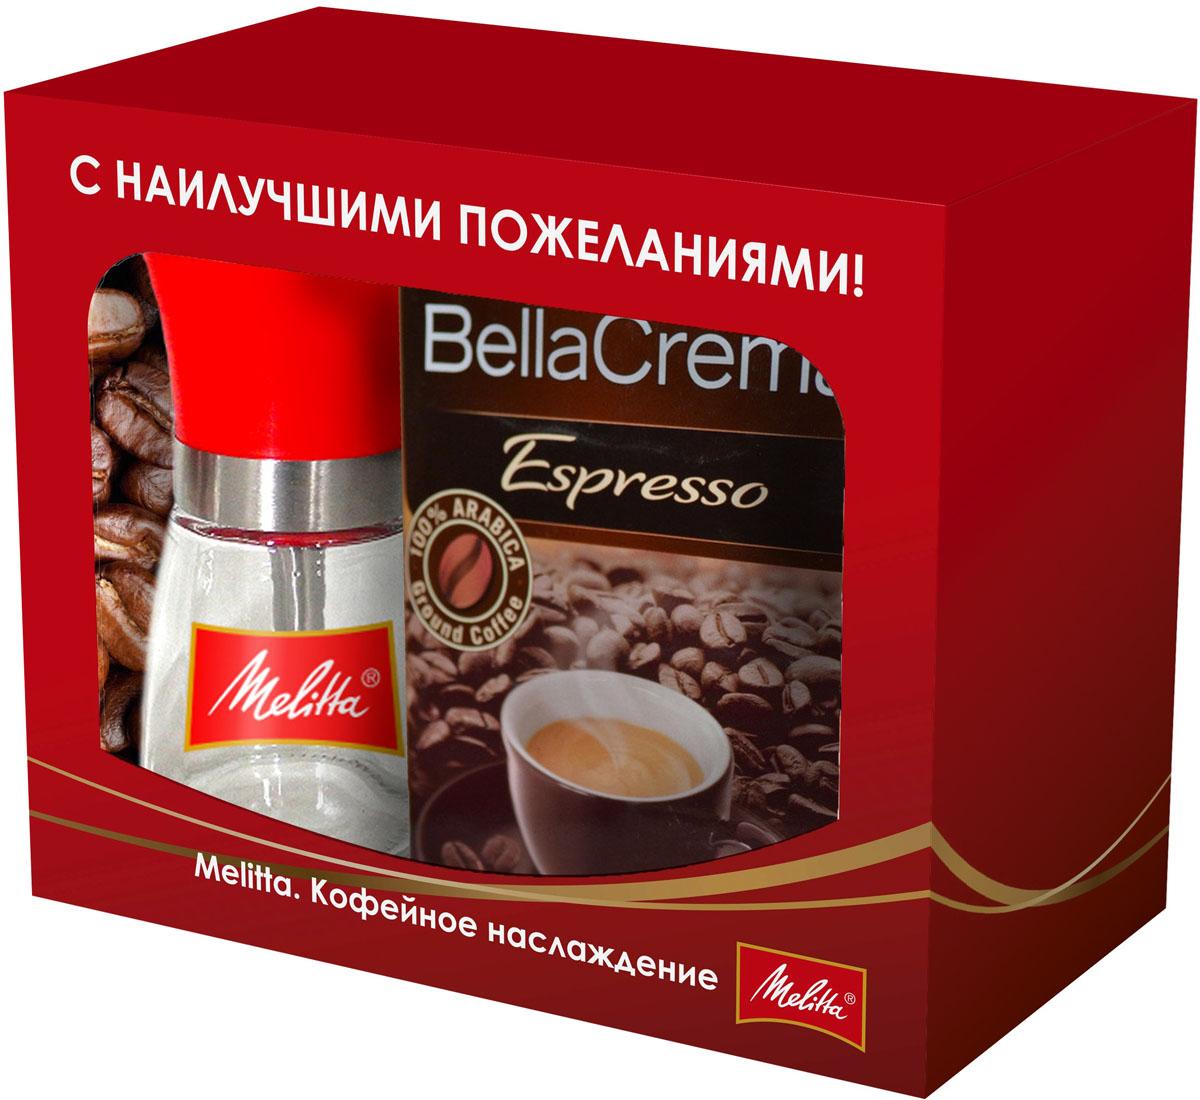 Melitta кофе BellaCrema Espresso, молотый, со стеклянной сахарницей в подарок, 250 г melitta кофе bellacrema espresso молотый со стеклянной сахарницей в подарок 250 г